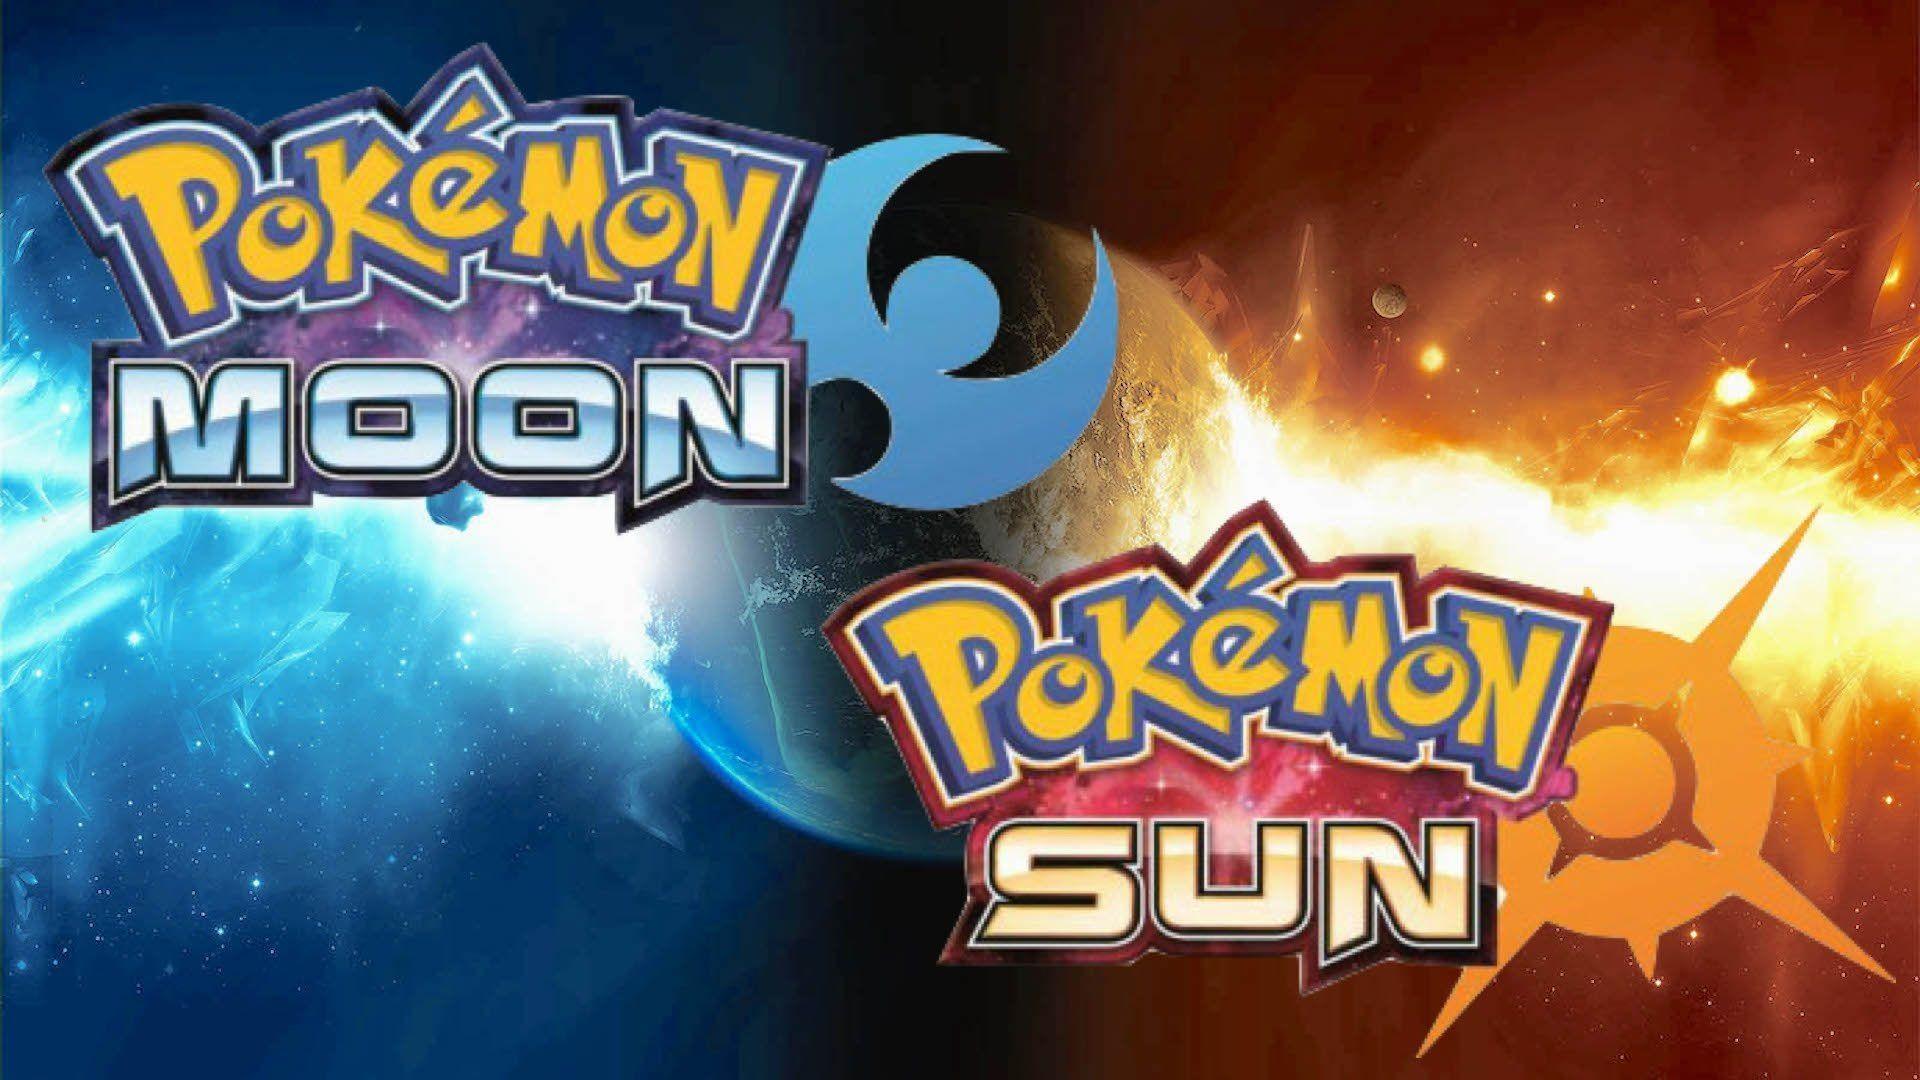 Pokémon Sun And Moon Hd Wallpaper - Pokemon Sun And Moon , HD Wallpaper & Backgrounds